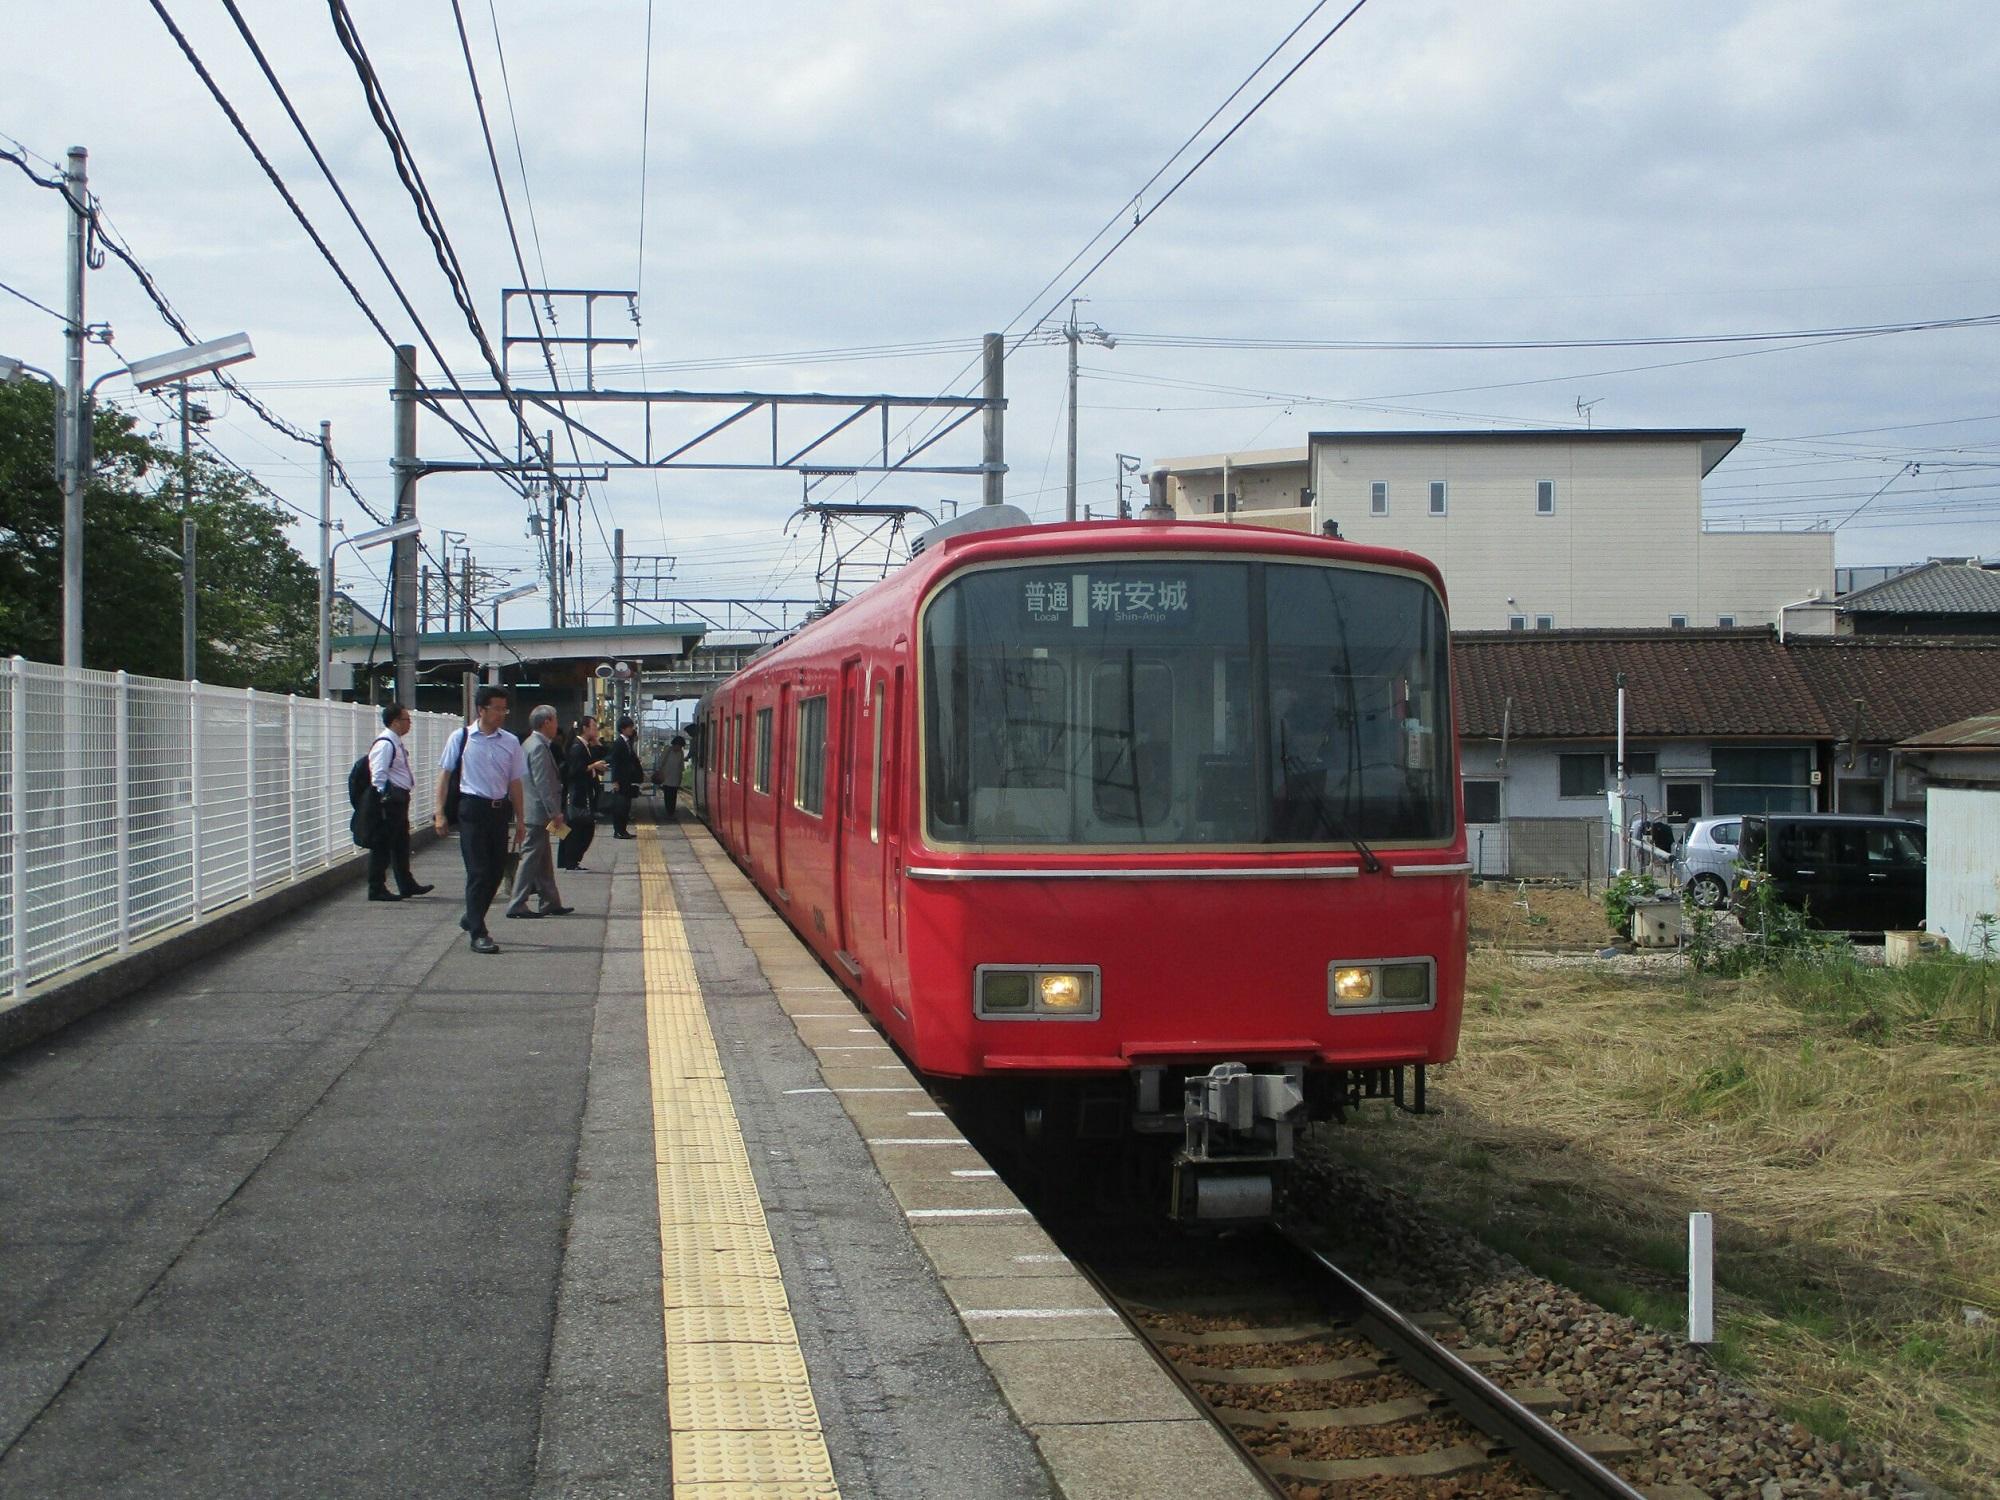 2019.6.14 (1) ふるい - しんあんじょういきふつう 2000-1500